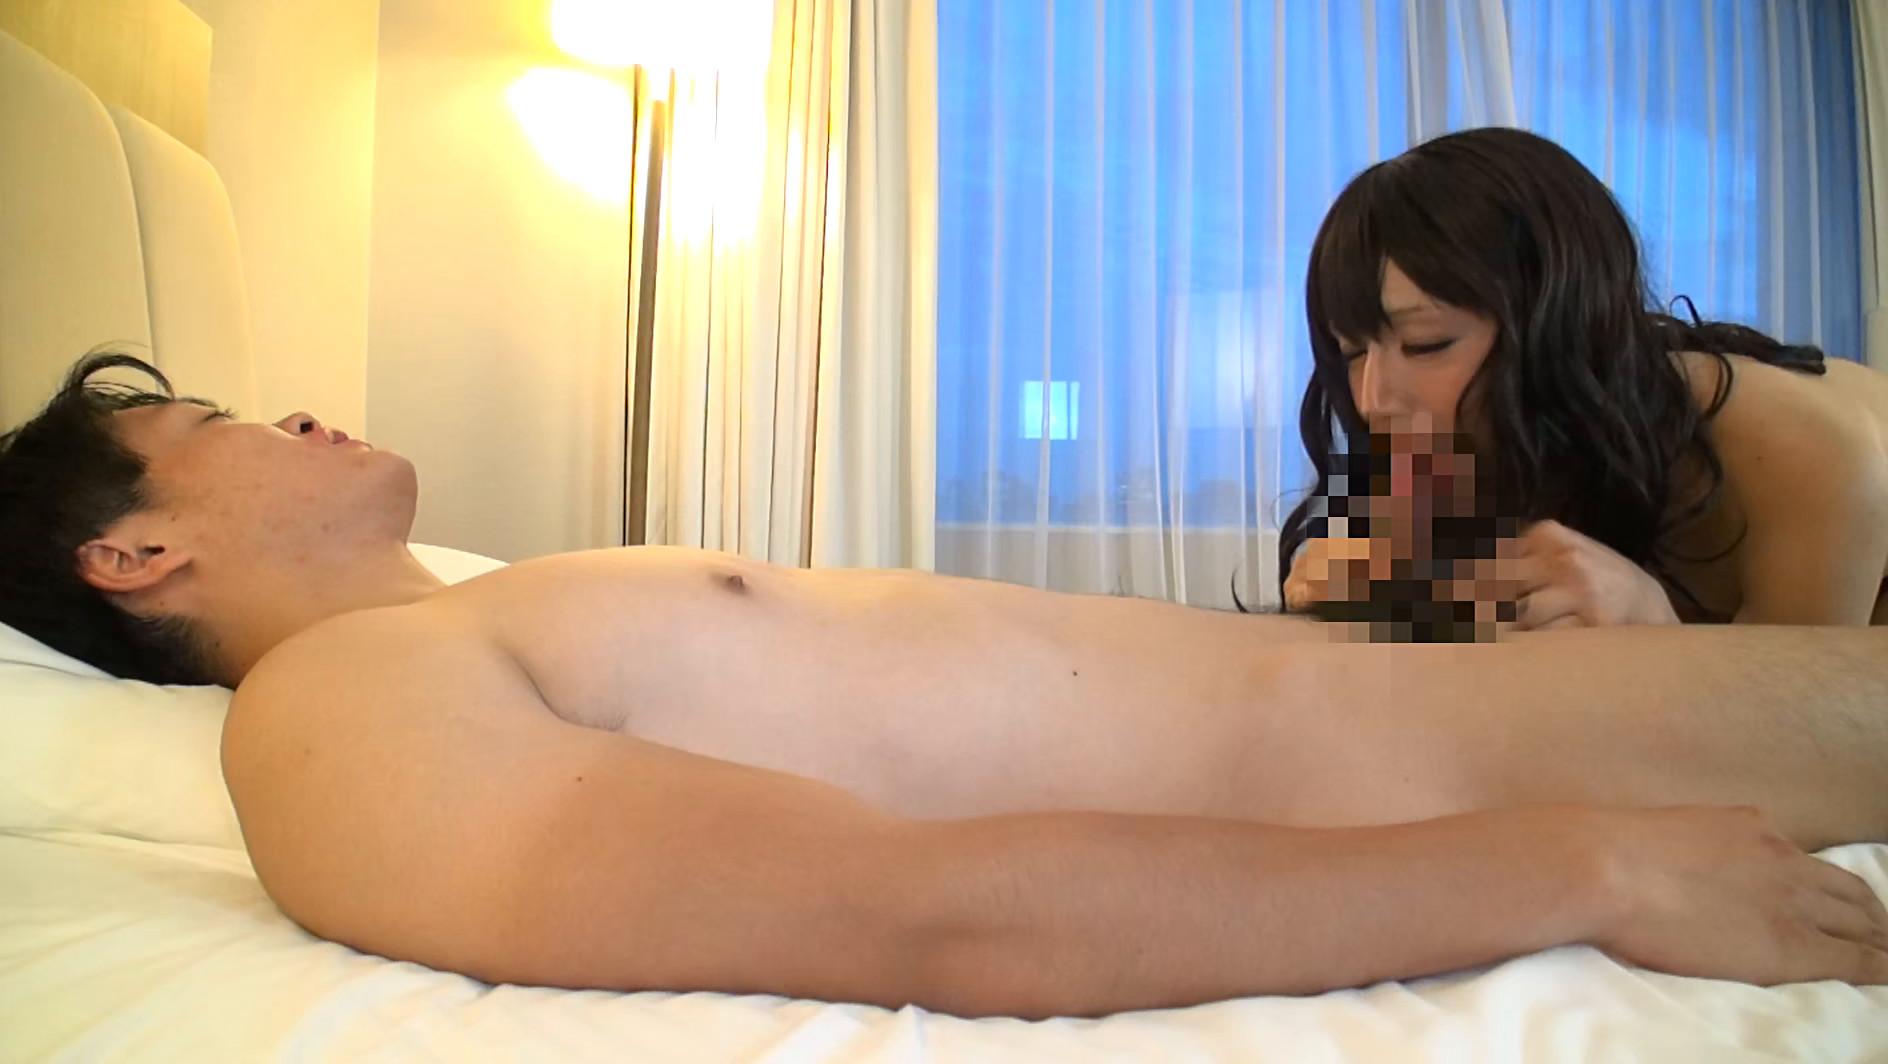 絶倫女装子デカマラ20センチ 紗咲愛美 画像10